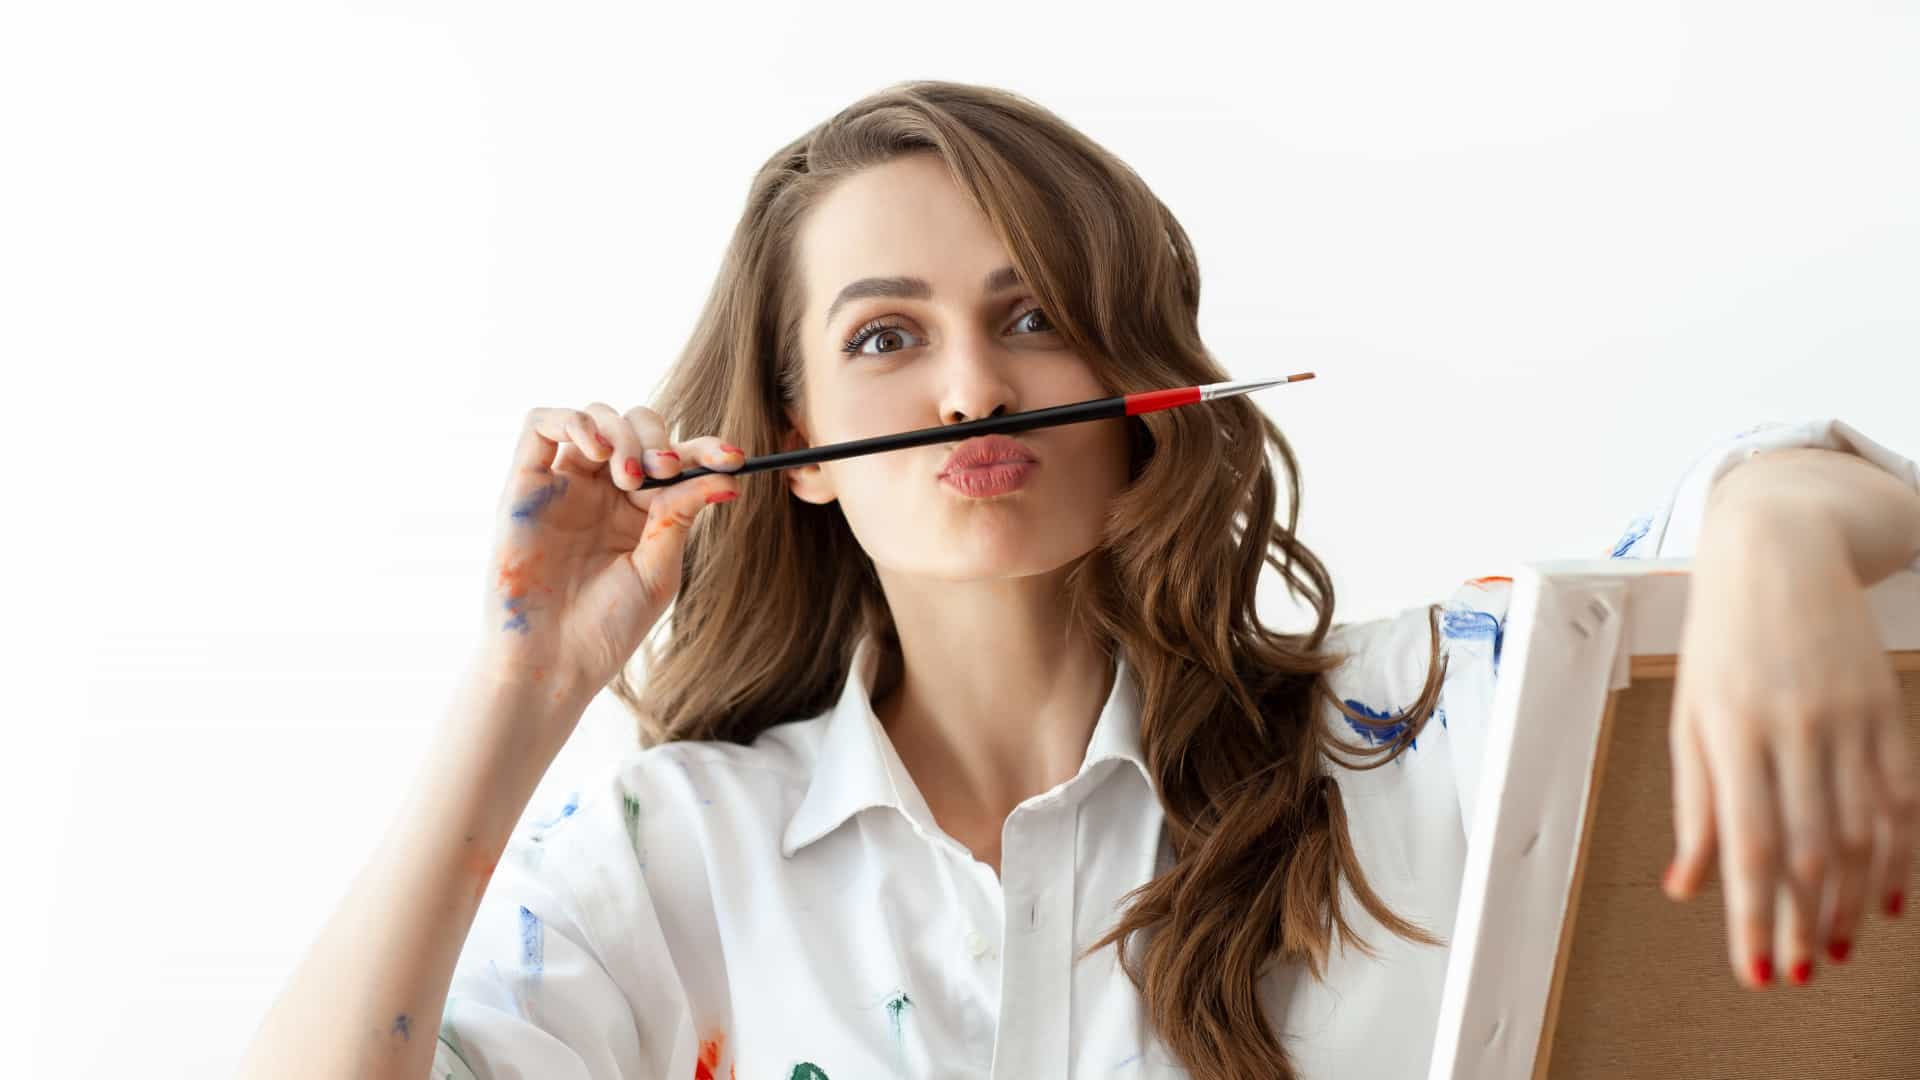 O leitor perguntou: Como posso tirar nódoas de caneta da roupa?